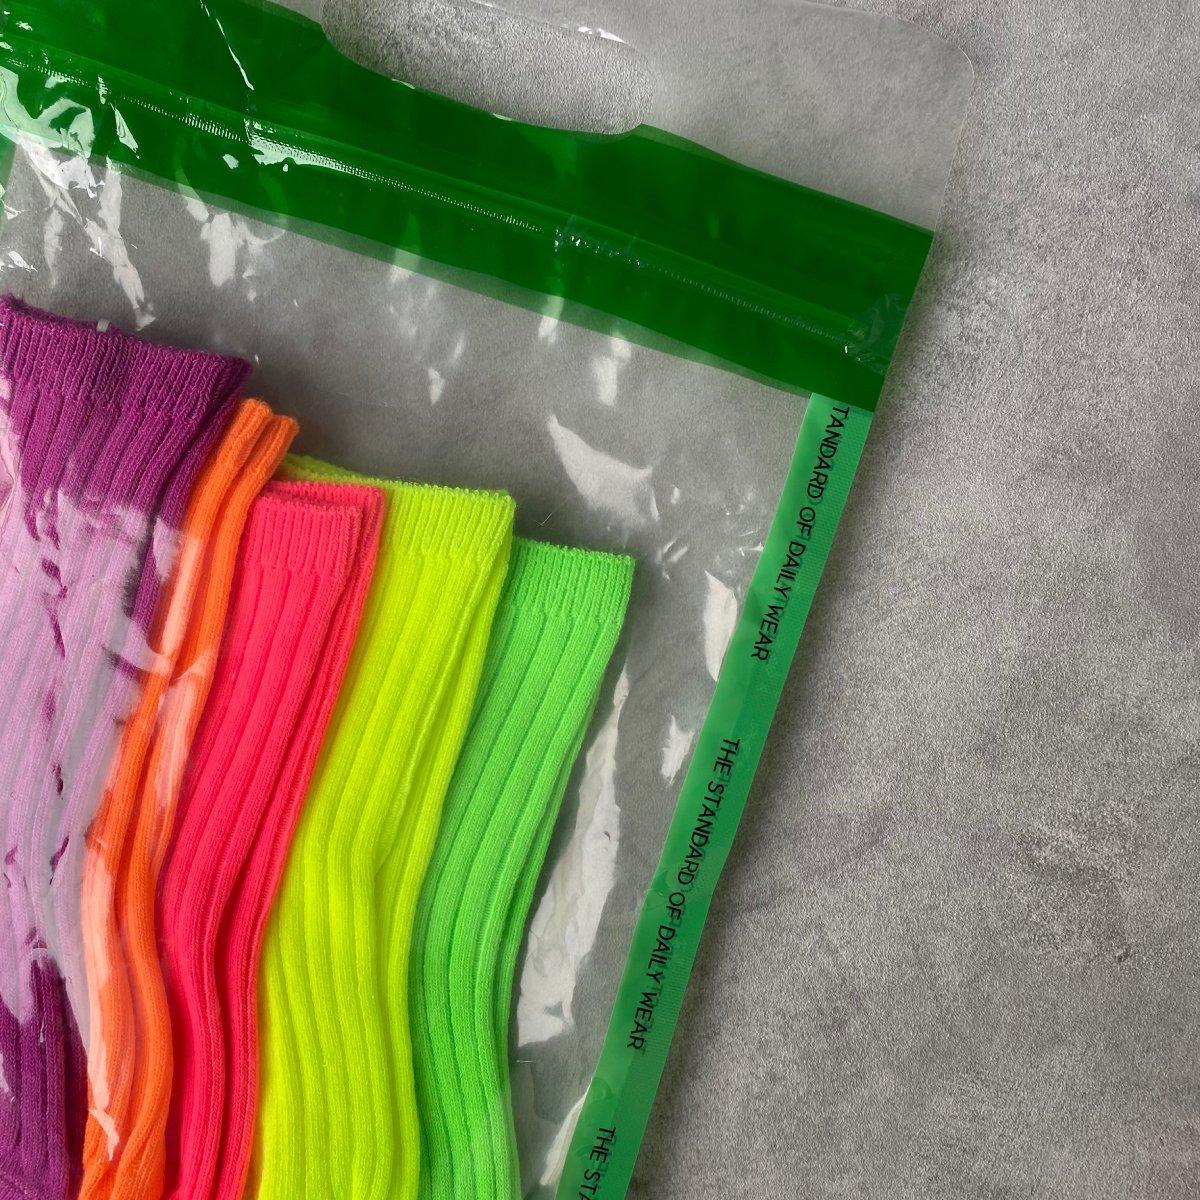 【KIDS】Neon Socks 詳細画像4